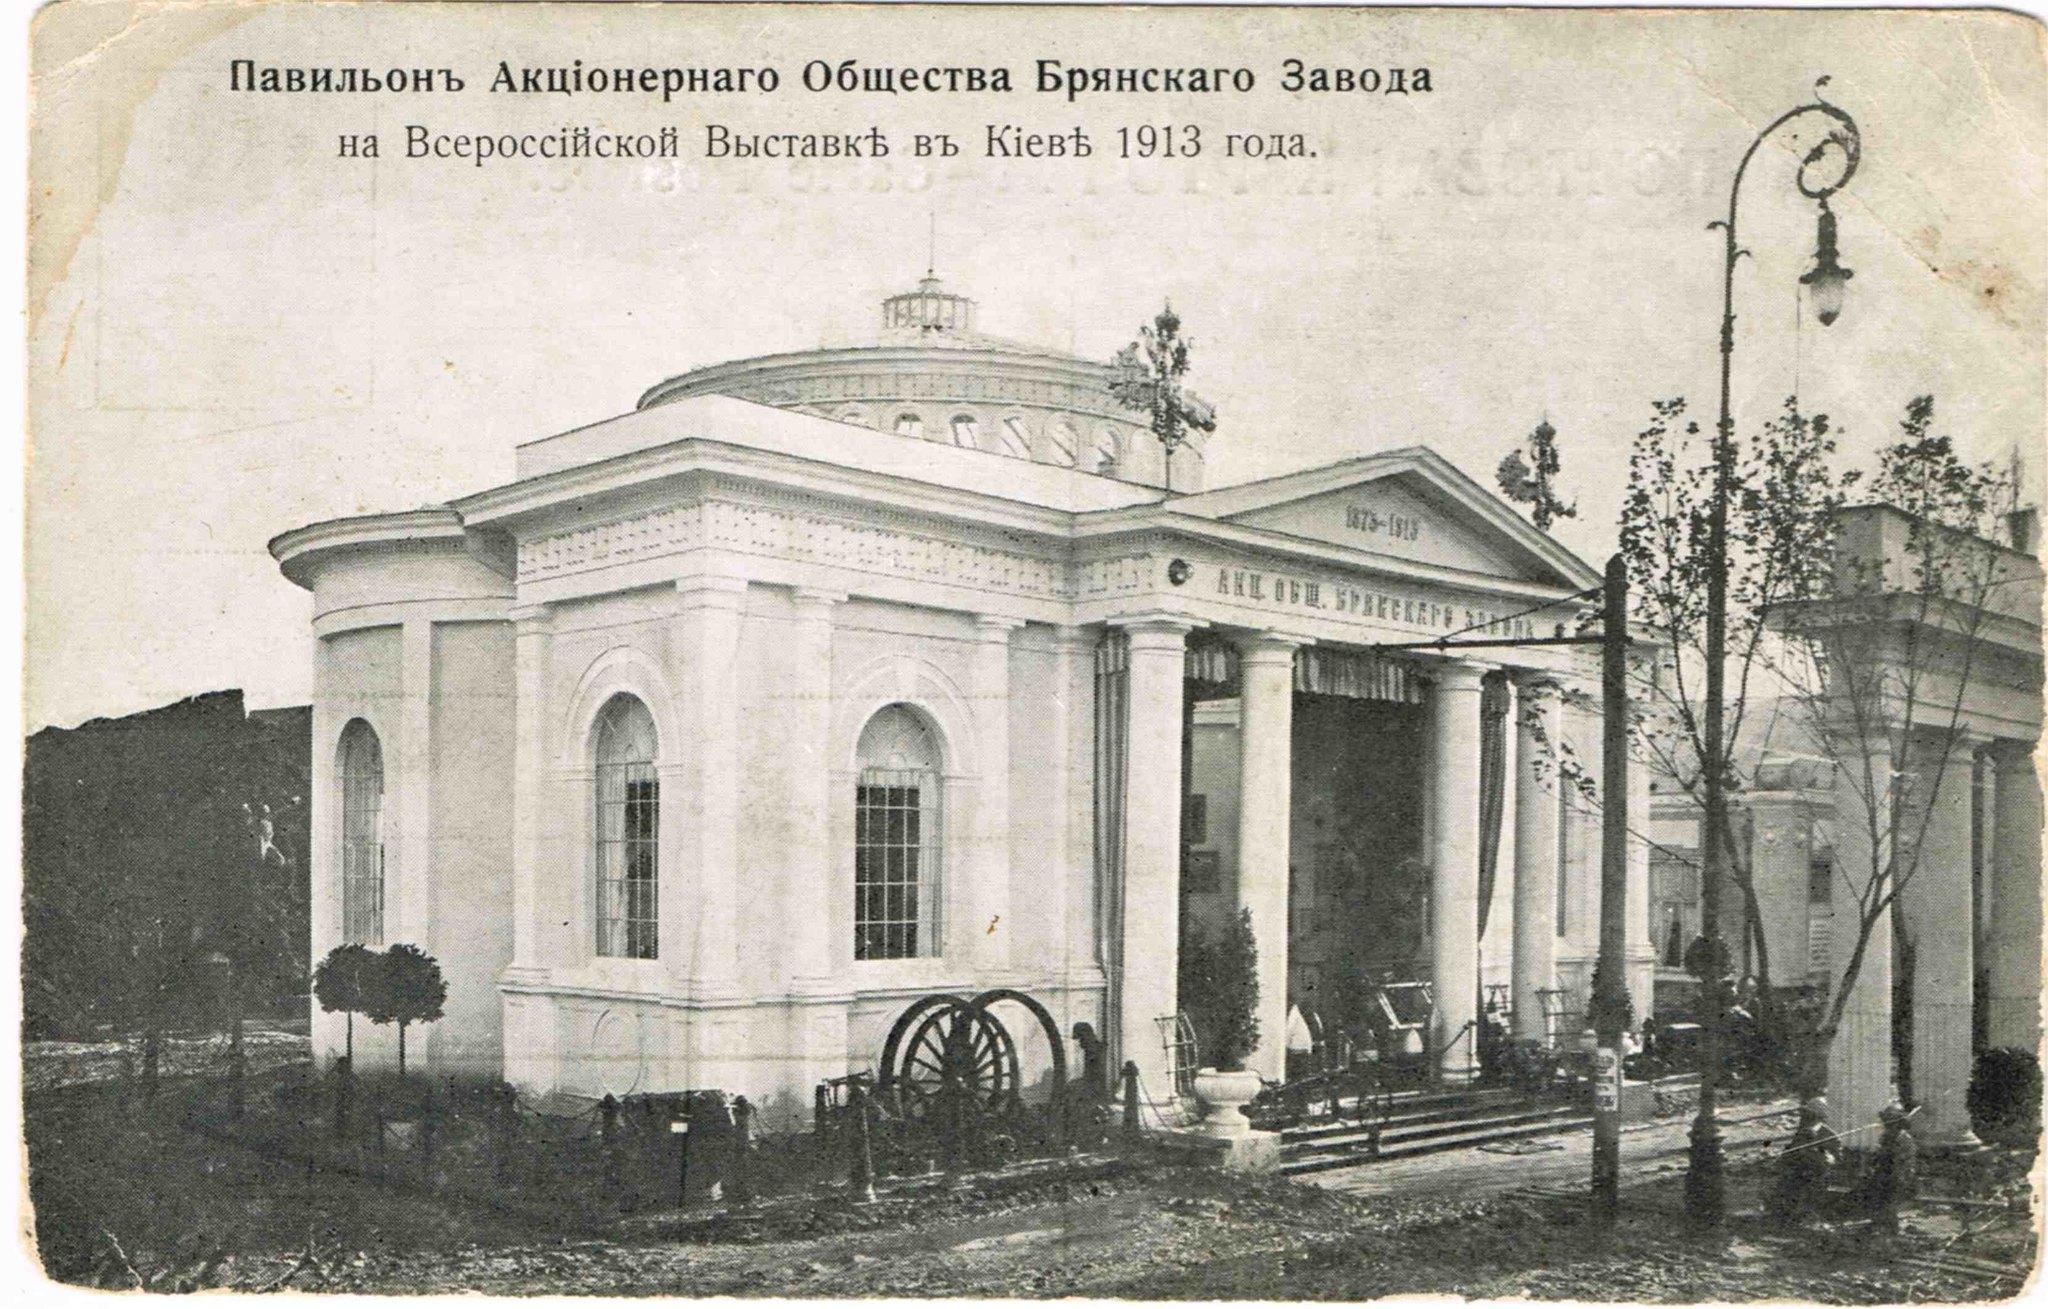 Павильон Акционерного Общества Брянского Завода